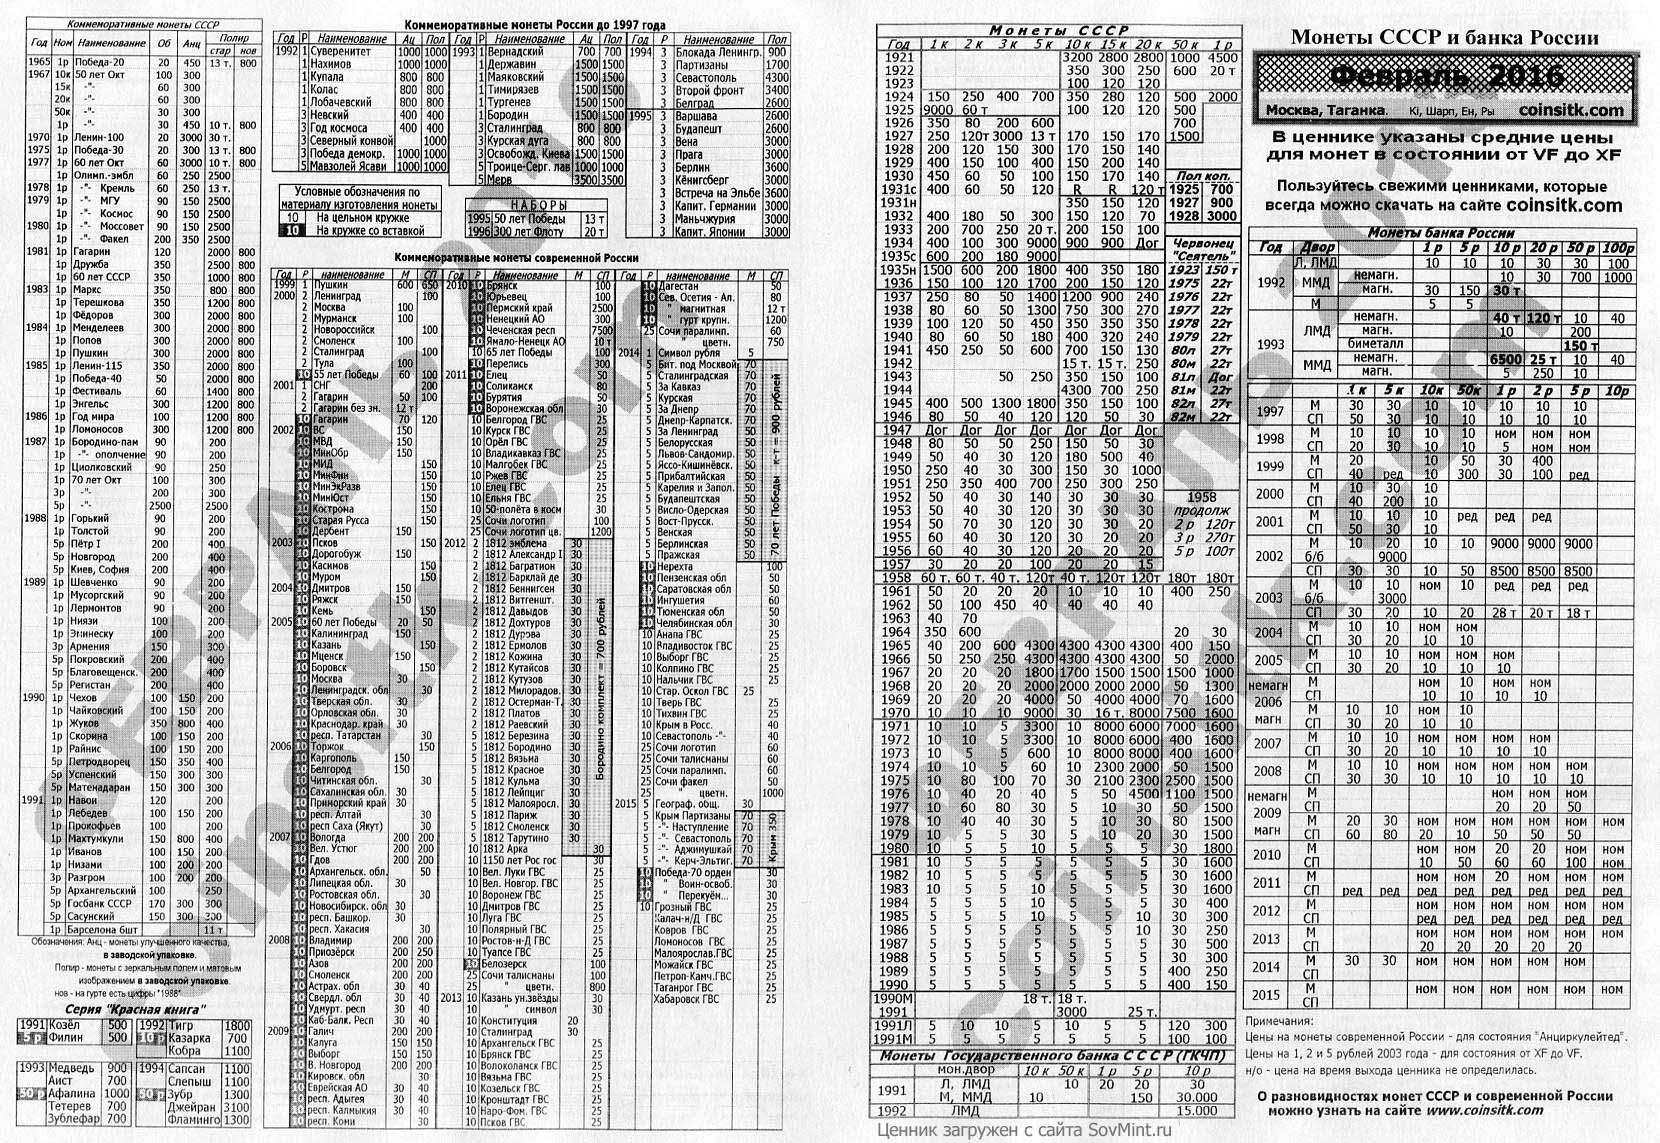 Таганский ценник февраль каталог с ценами на монеты россии